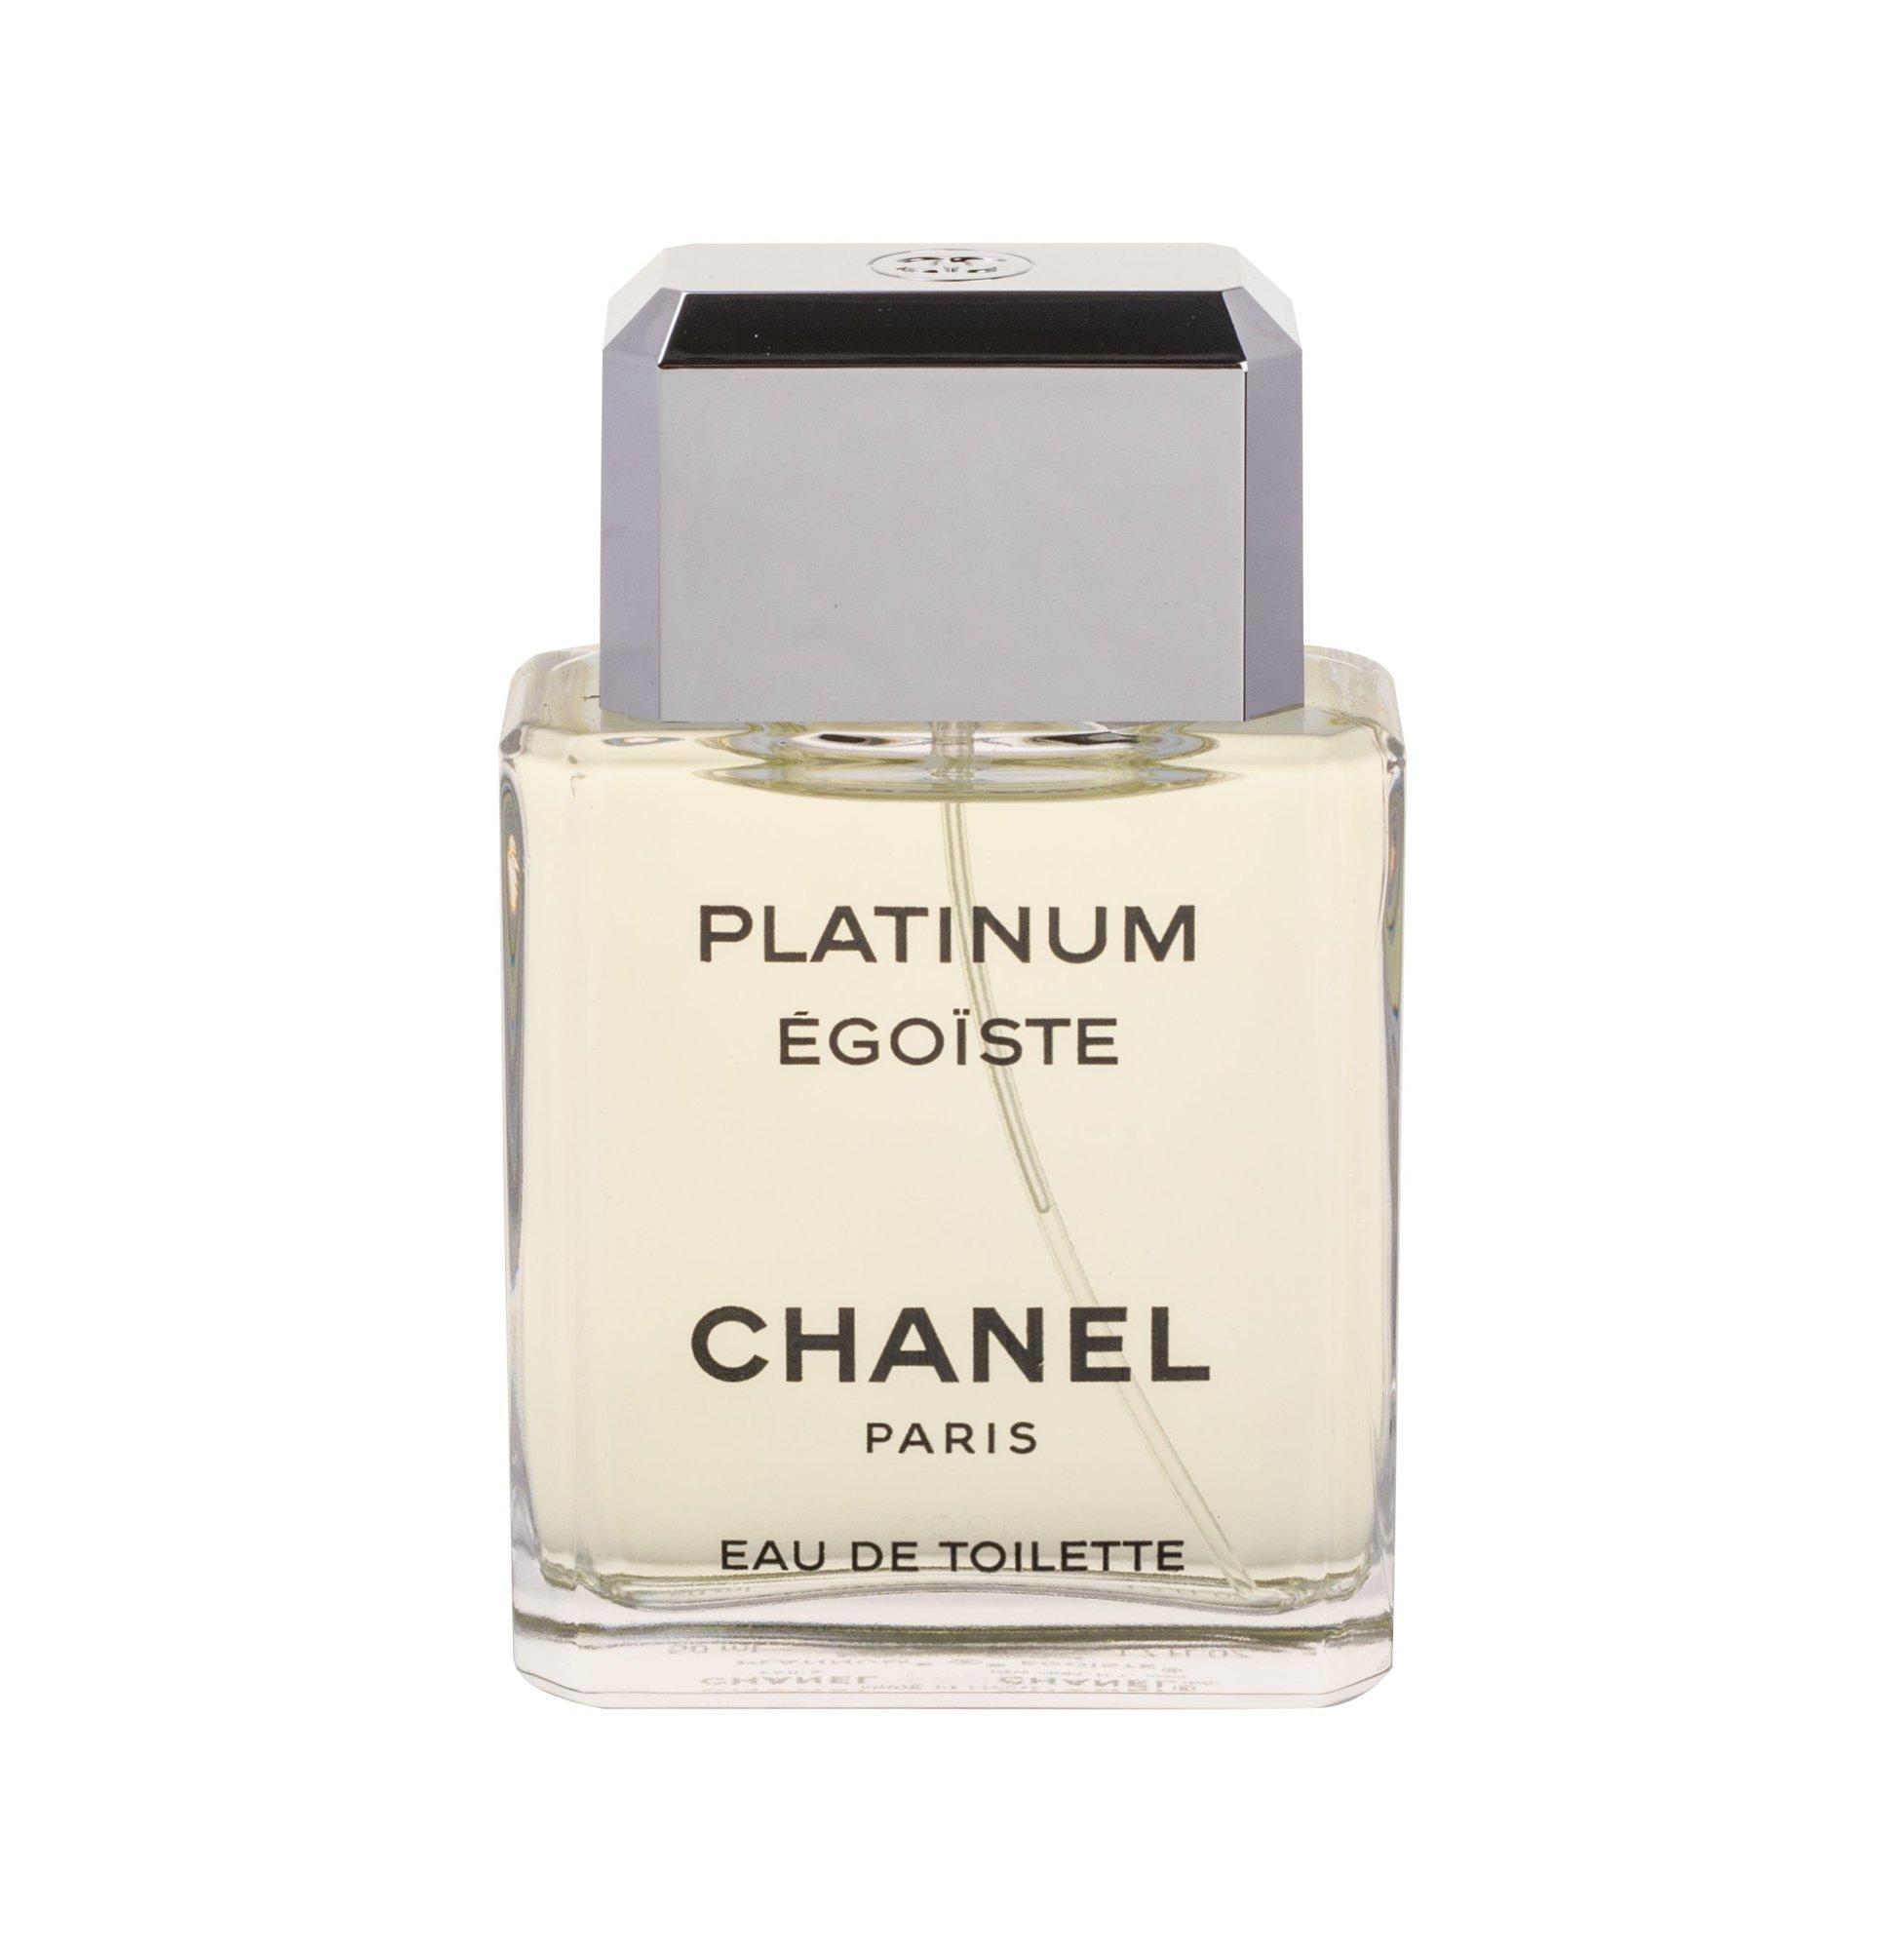 Chanel Egoiste Platinum EDT 50ml